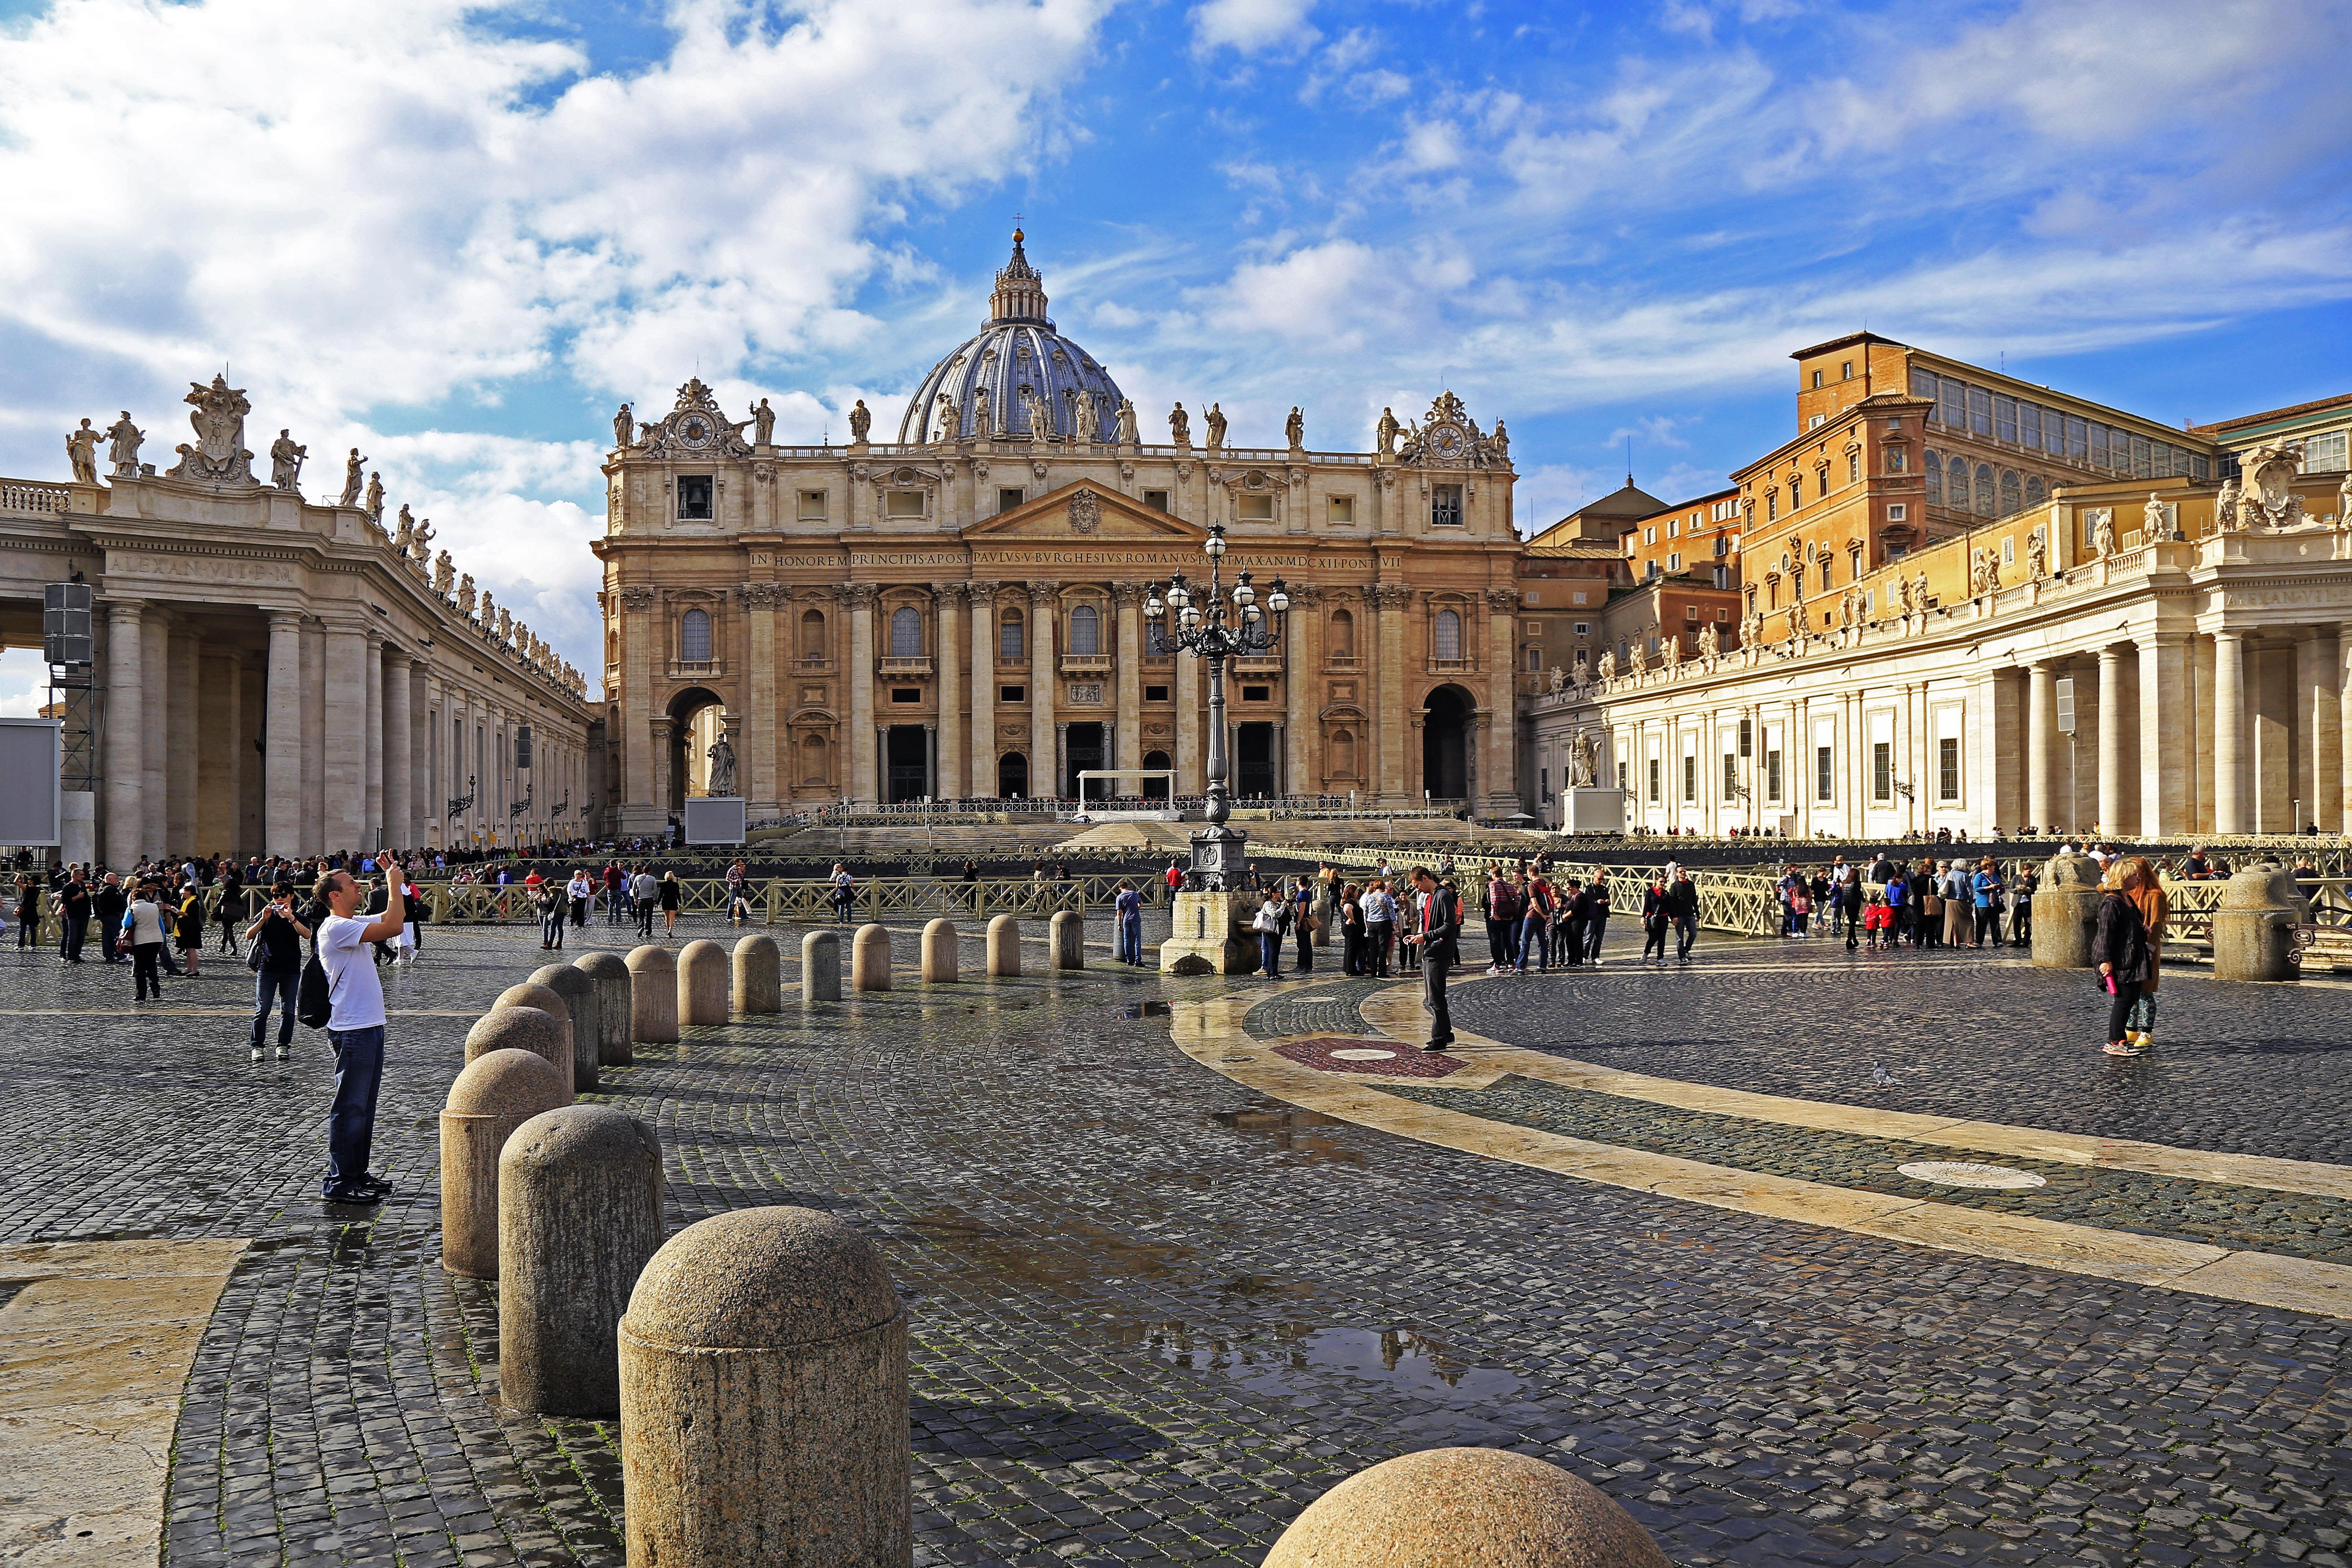 Hol található a képen látható bazilika?